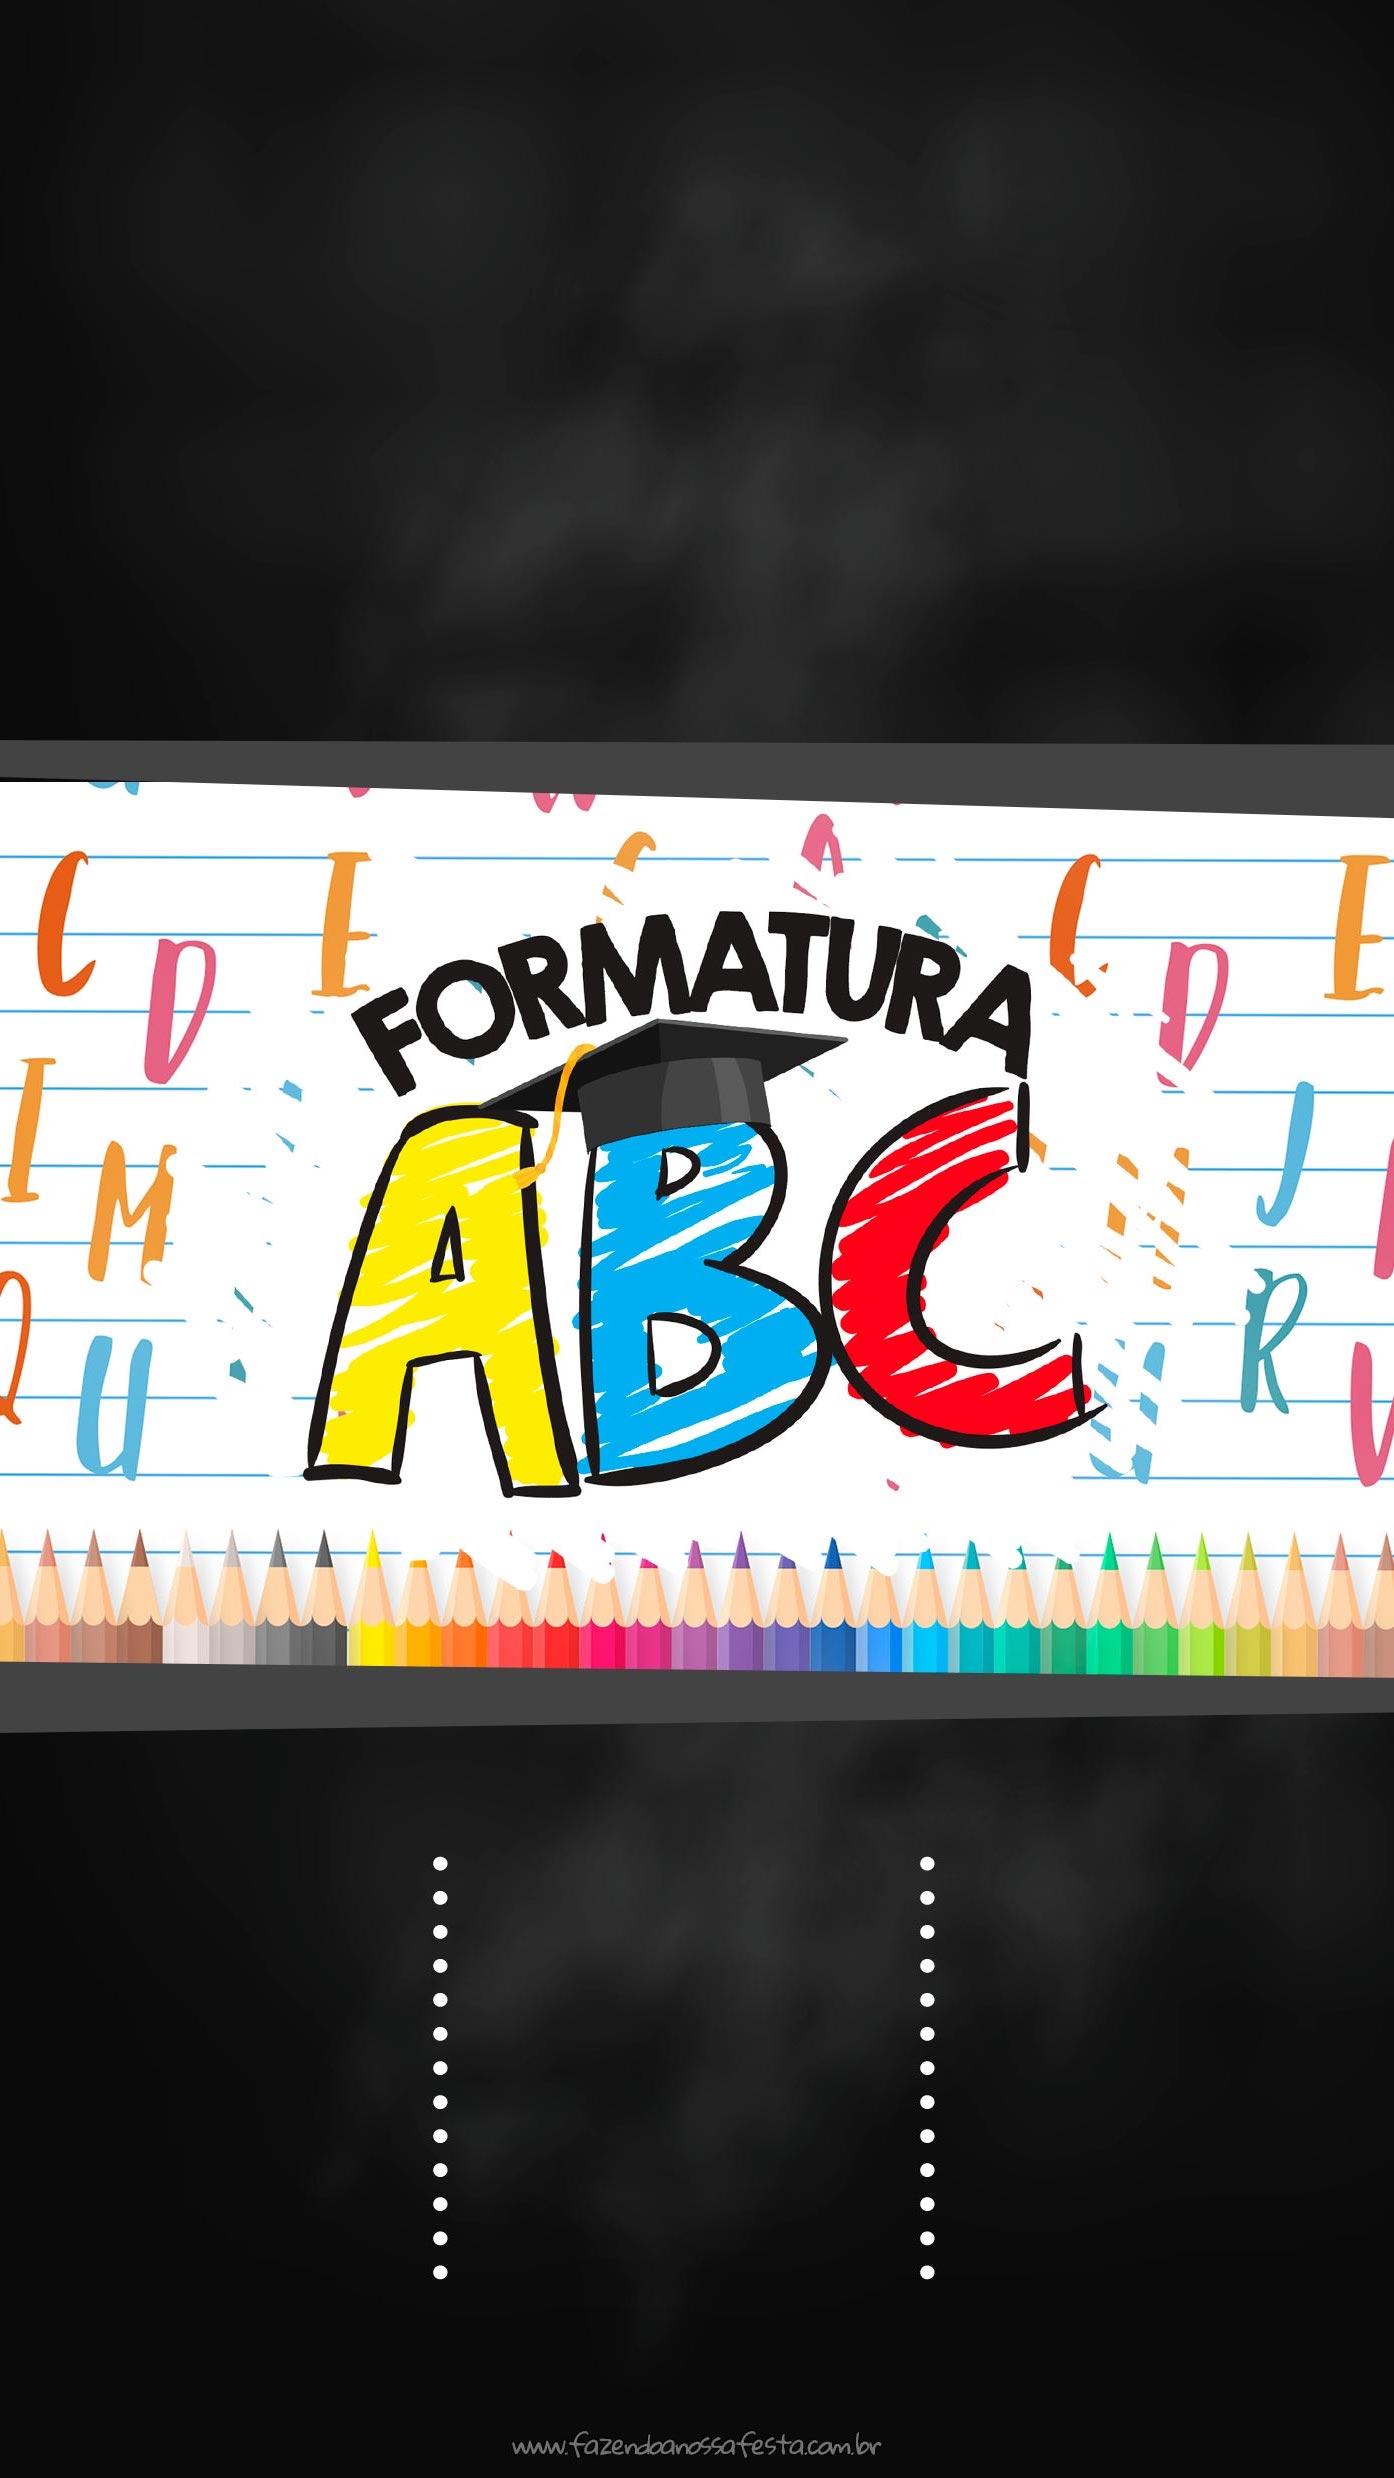 Convite Virtual Formatura ABC para imprimir